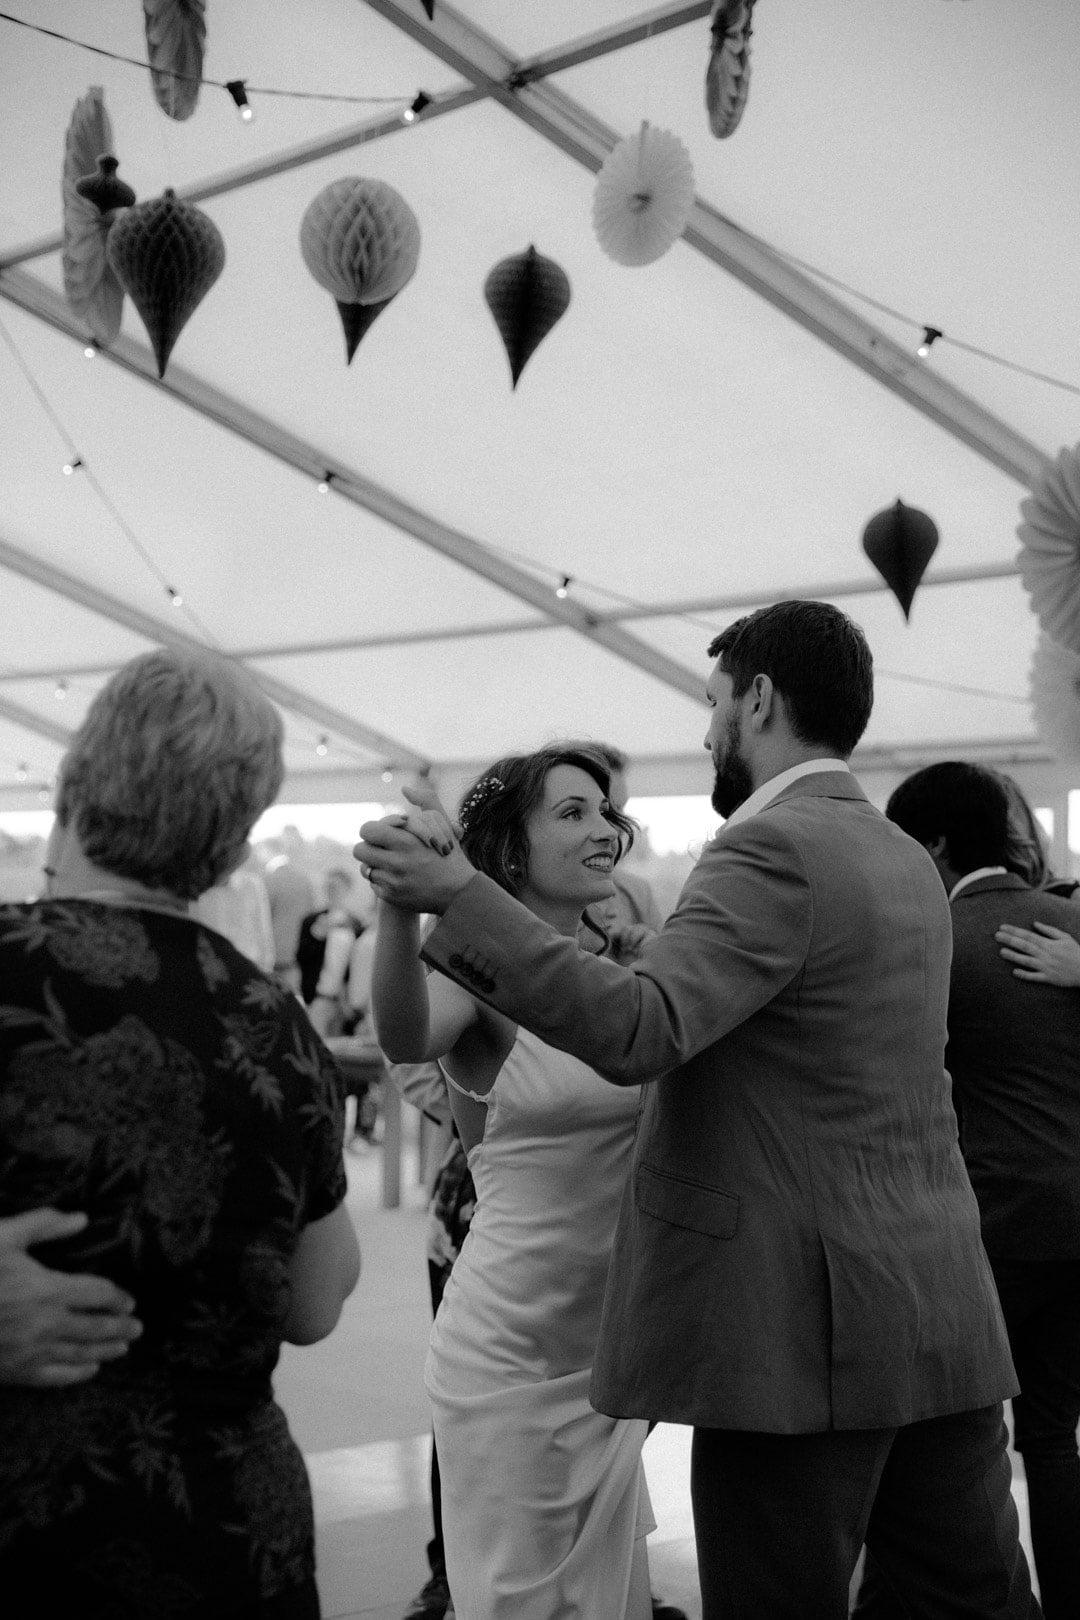 wedding-dance-bride-groom-dancefloor-with-guests